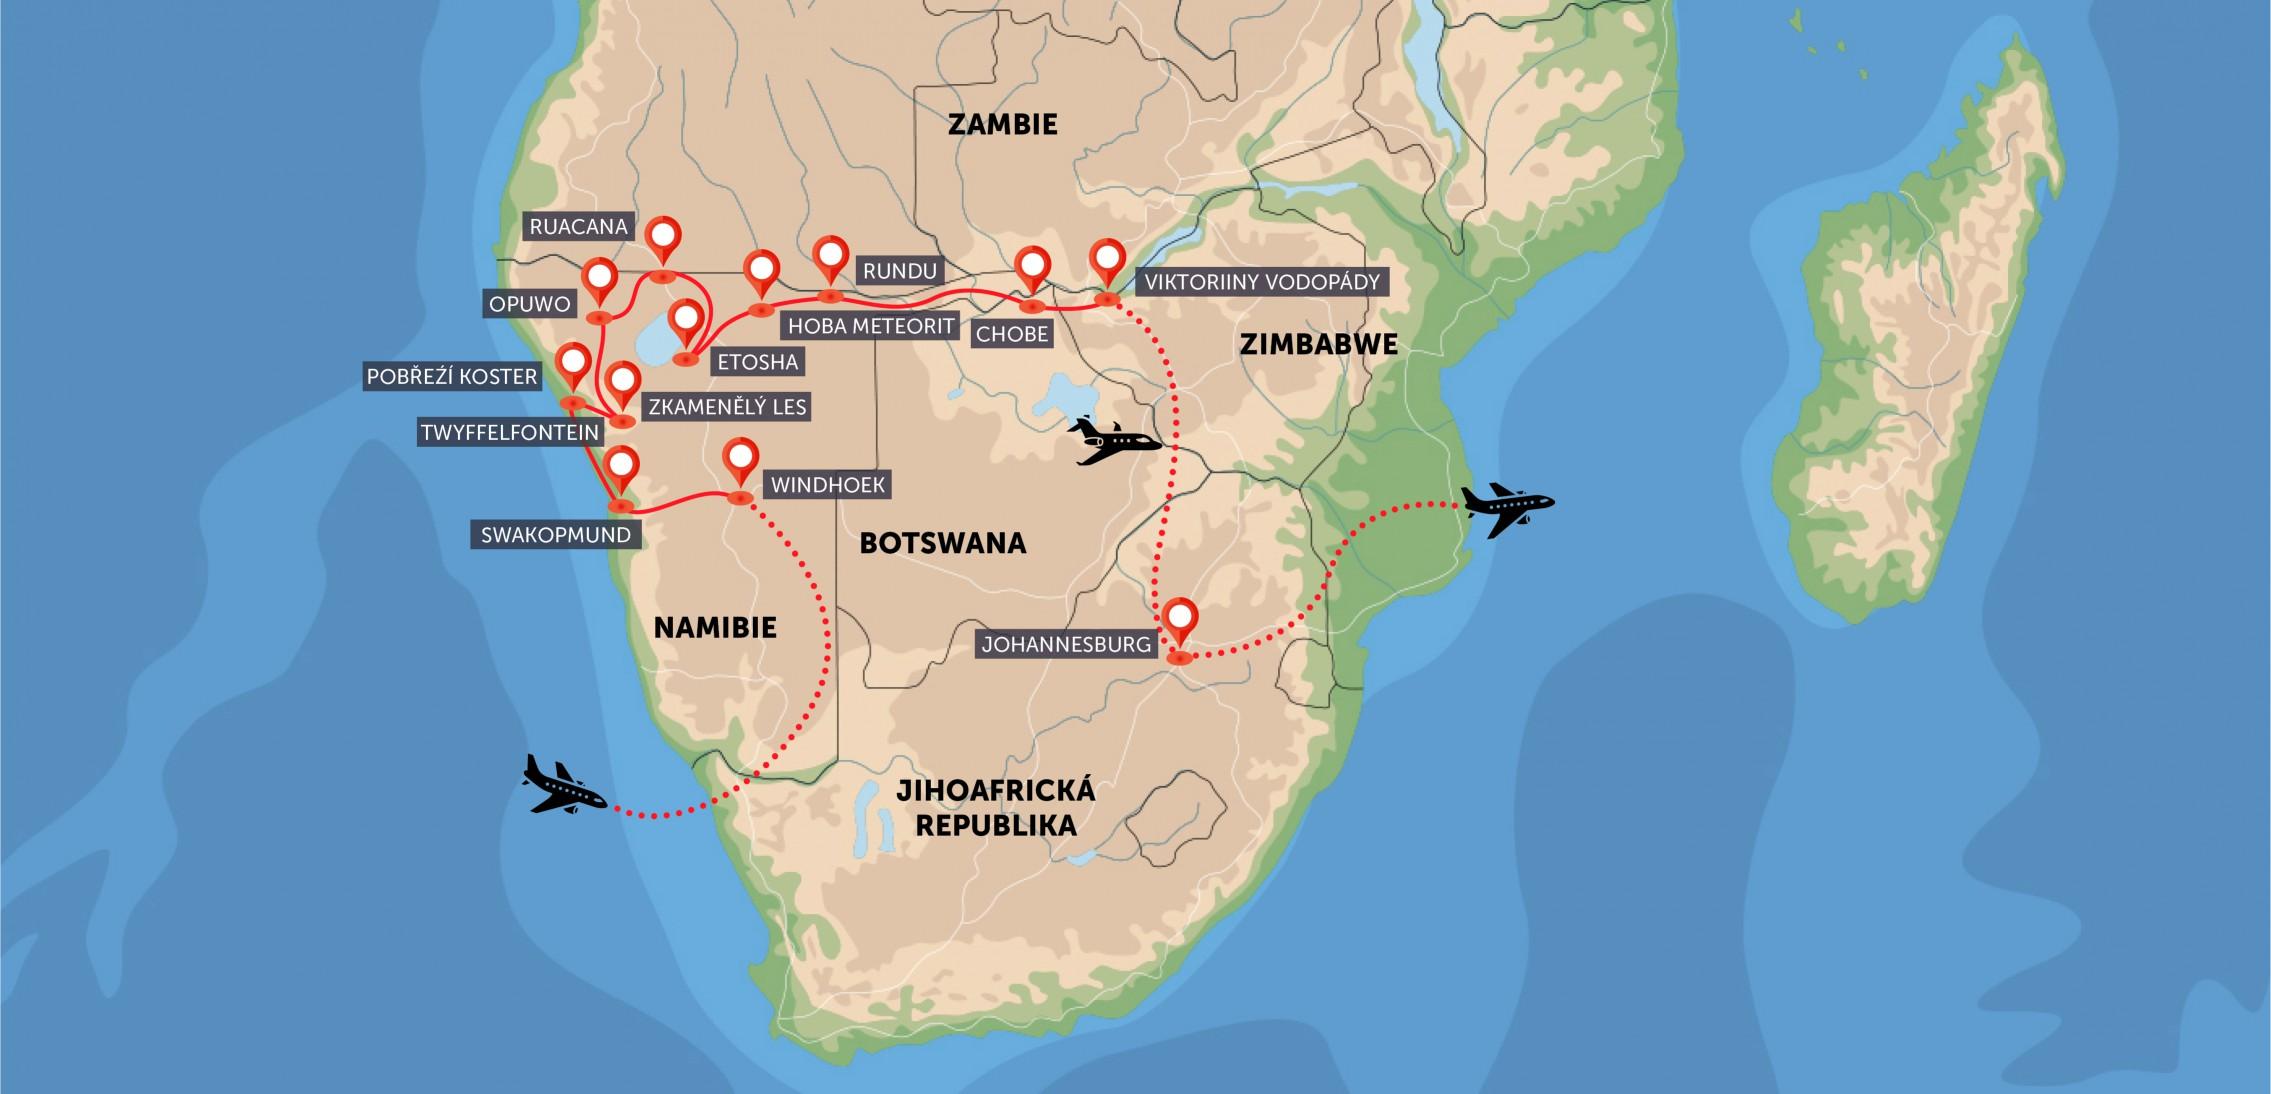 Namibie, Botswana, Zimbabwe, Zambie